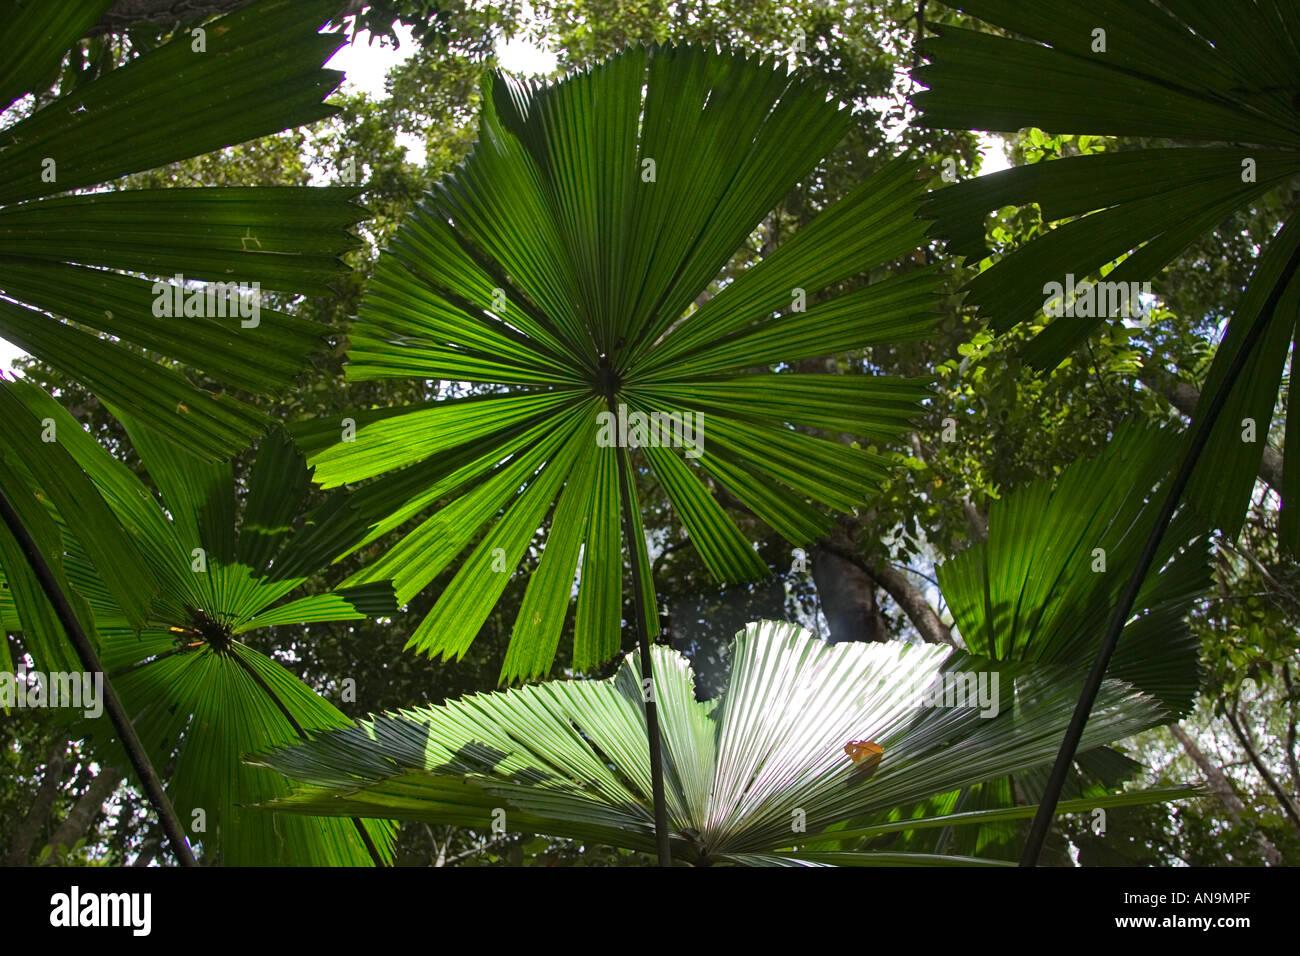 fan palms in the daintree rainforest queensland australia stock